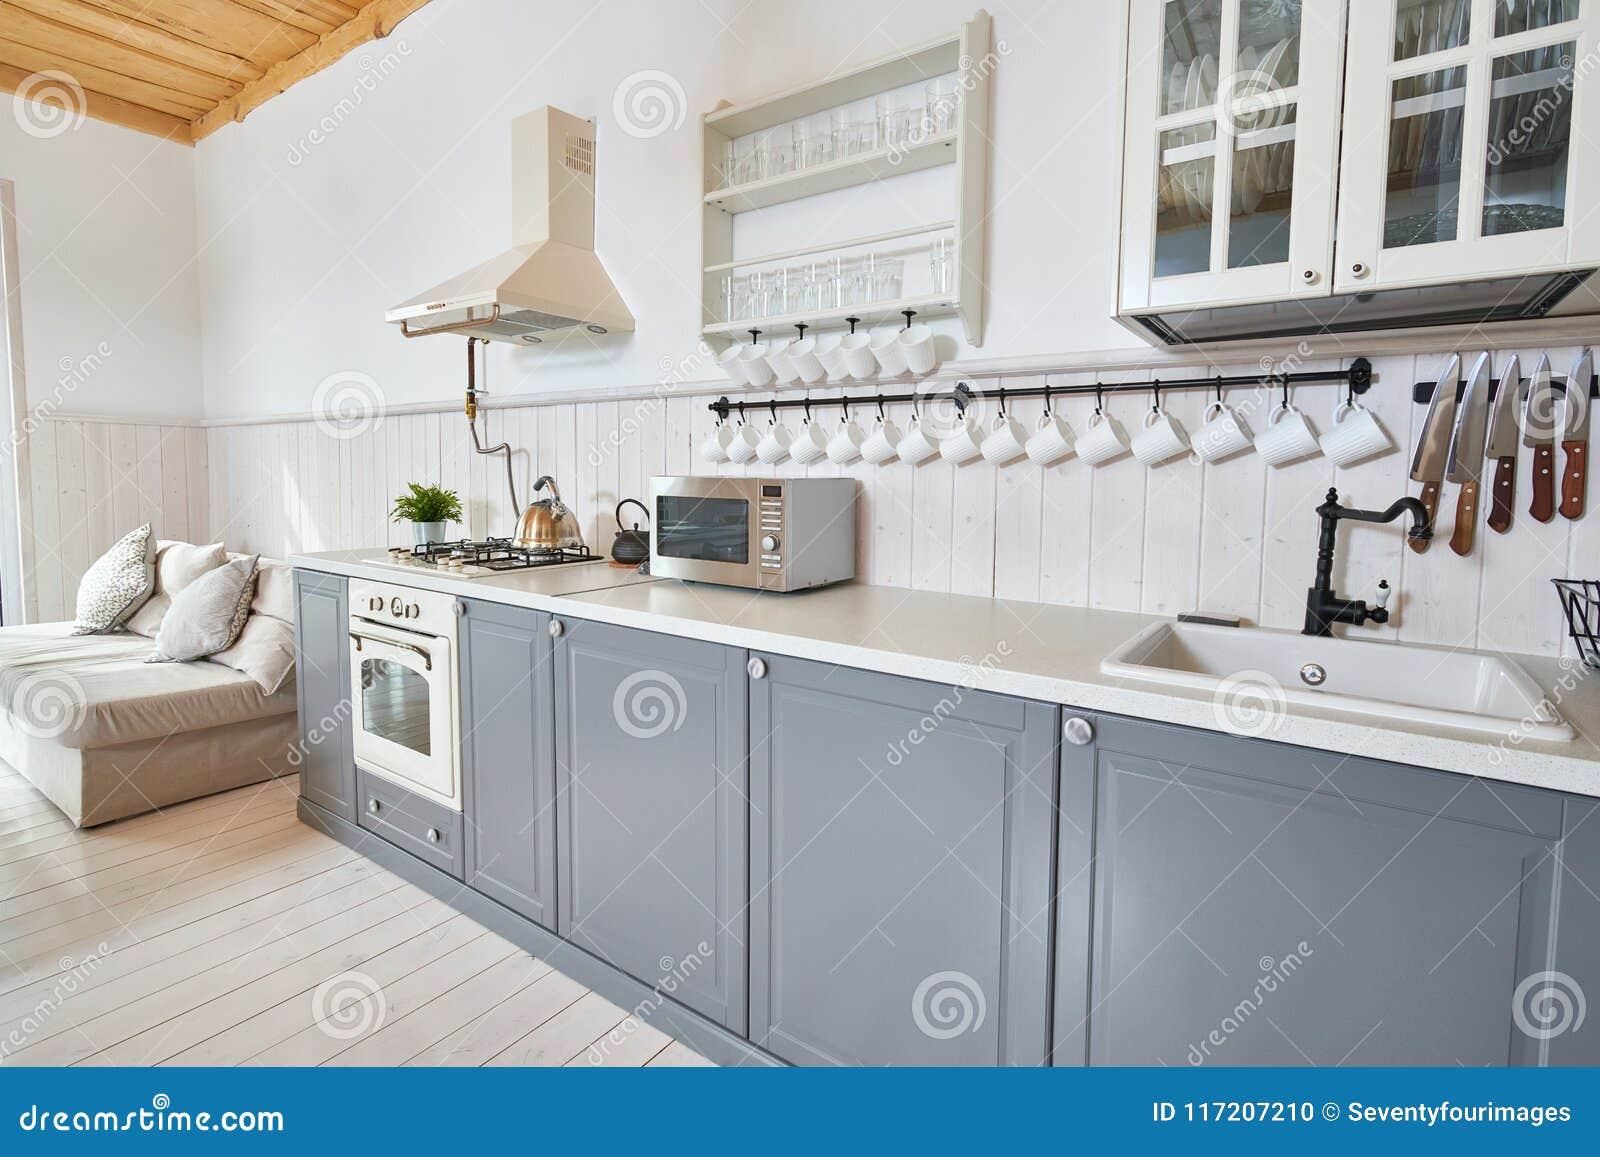 Cuisine Grise Et Blanche Photo Stock Image Du Pays 117207210